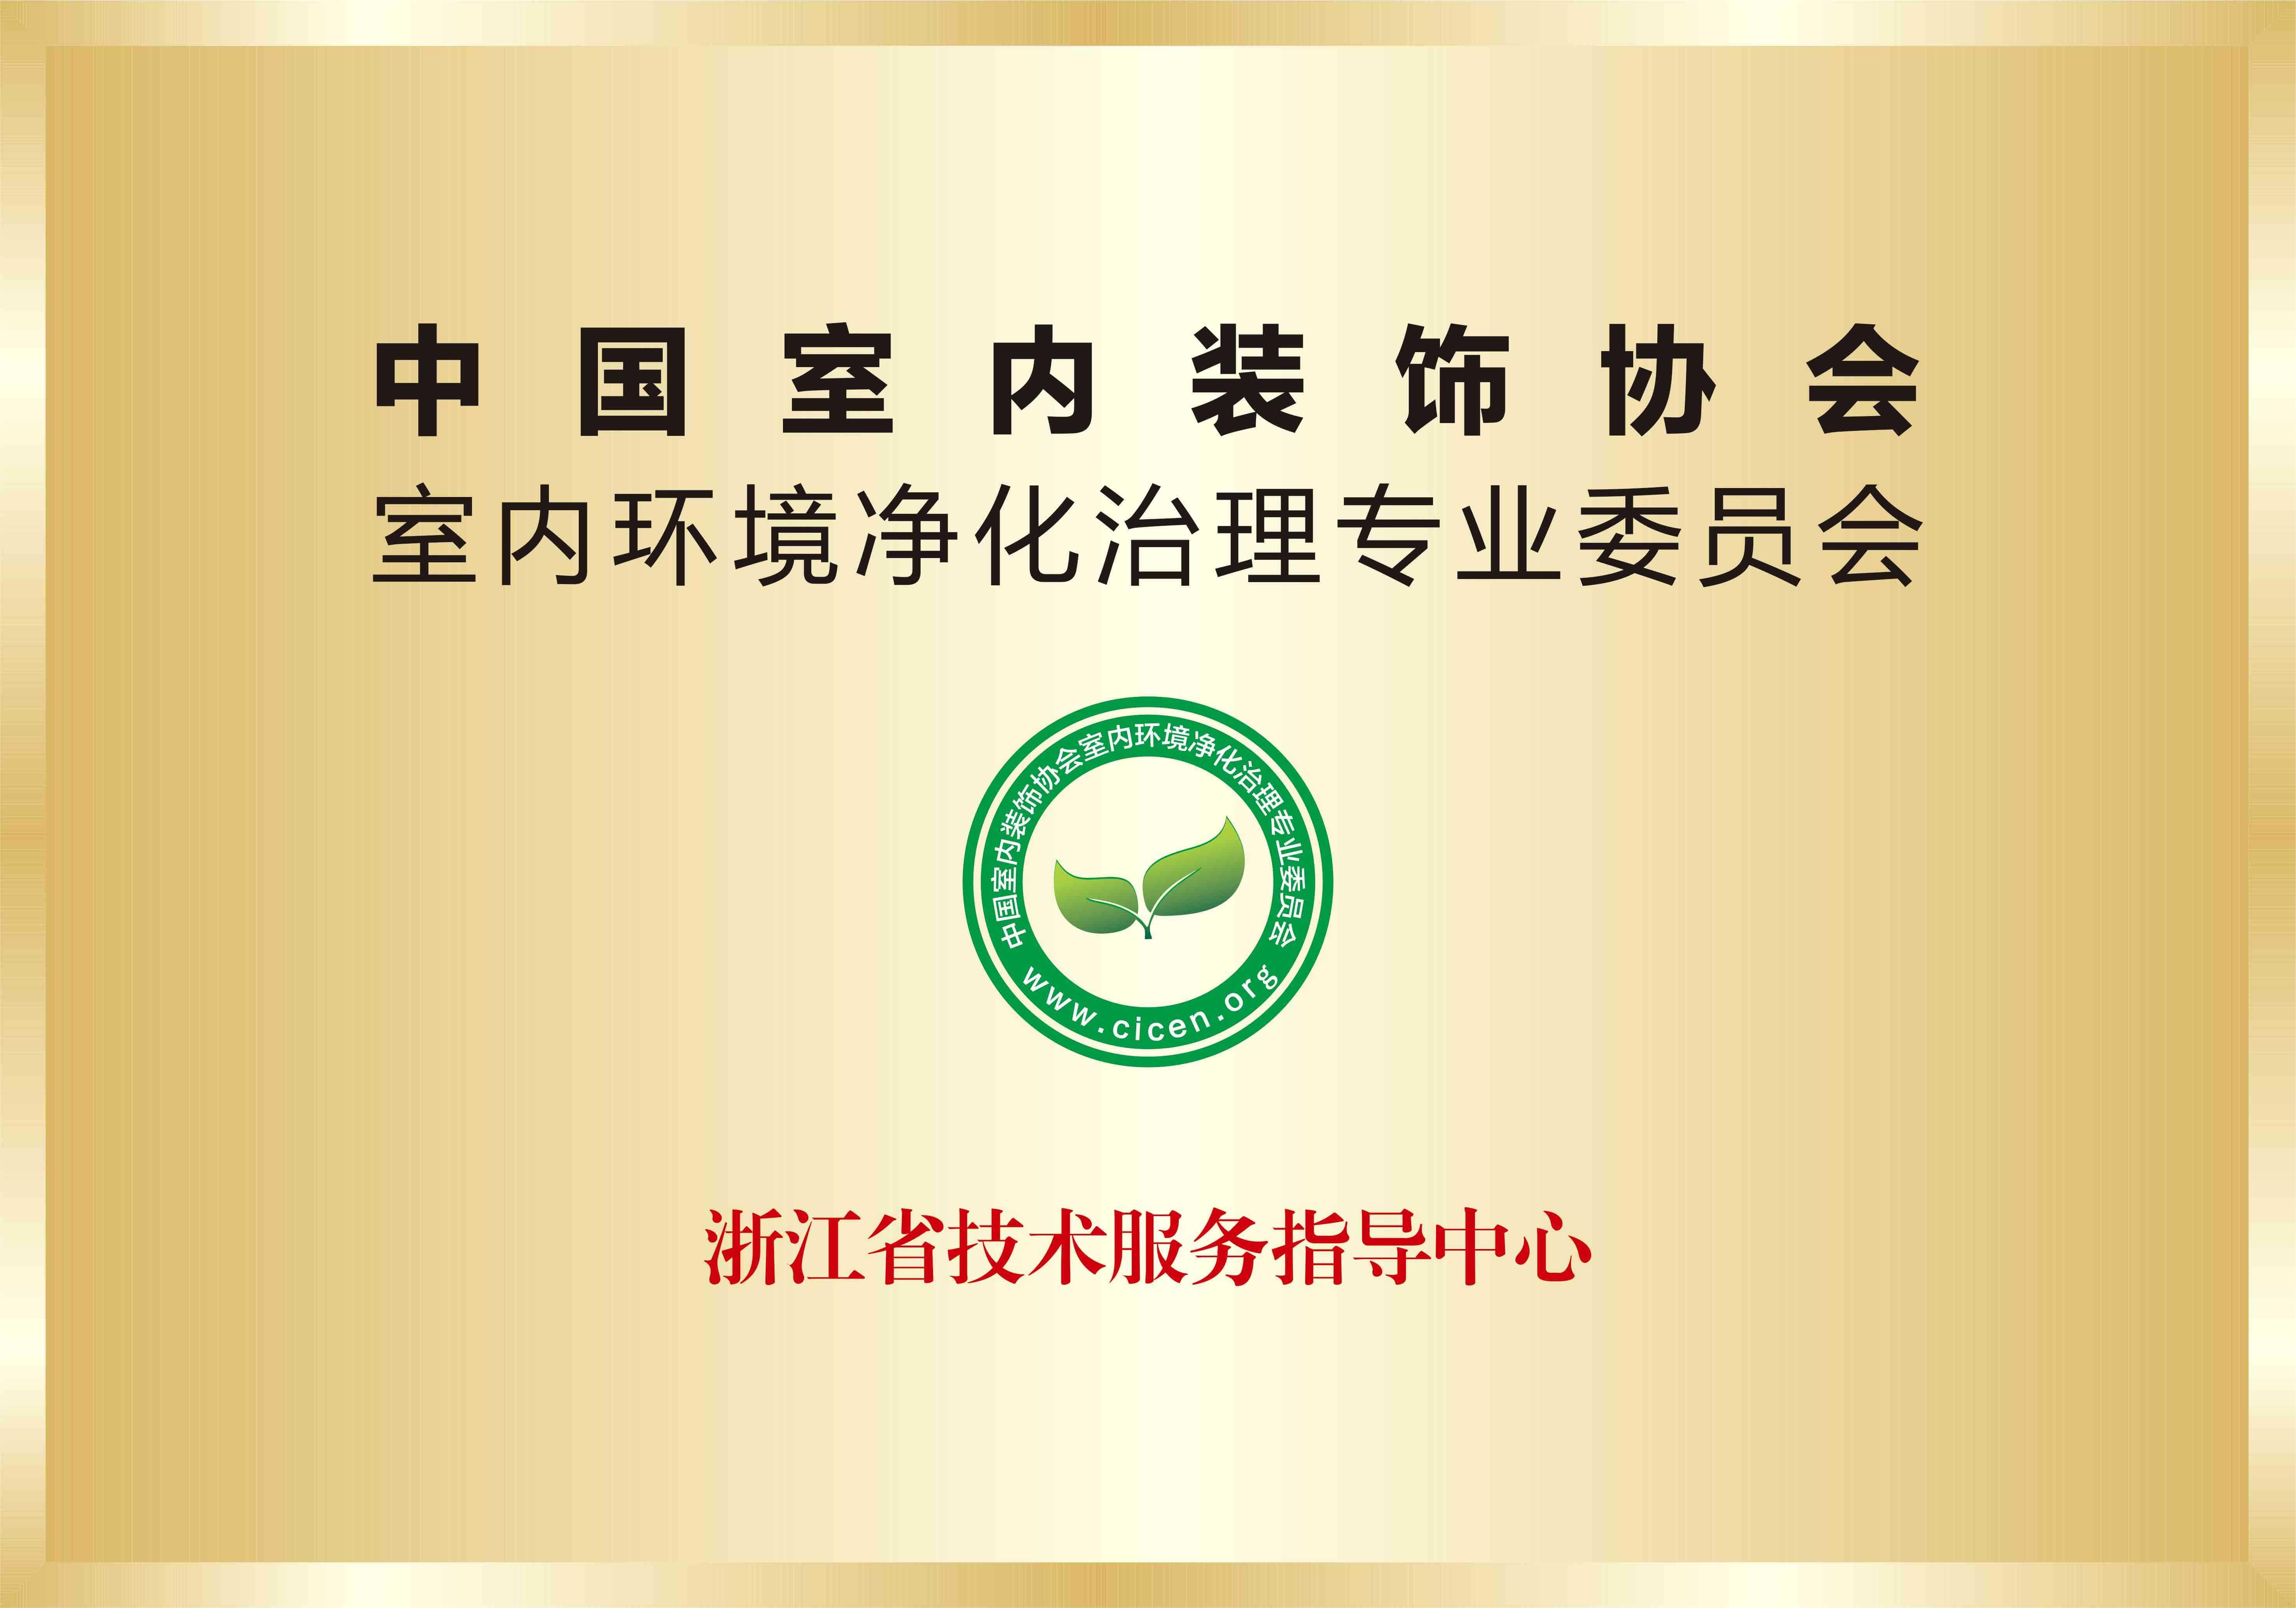 室内环境净化治理专业委员会浙江省技术服务指导中心